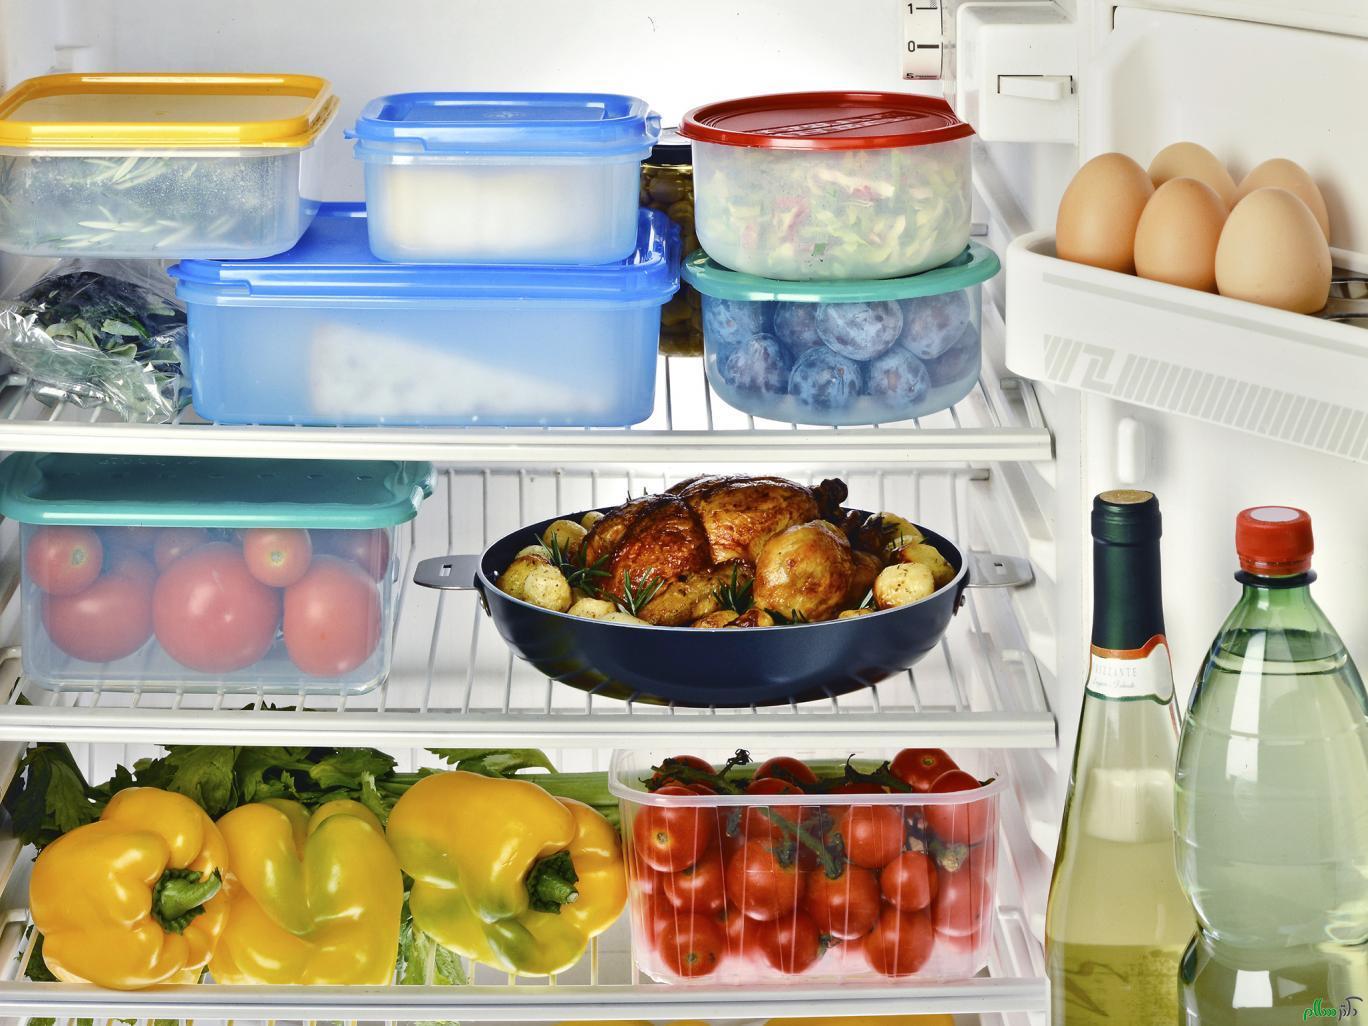 دمای یخچال برای نگهداری مطلوب خوراکی ها چند درجه باشد؟